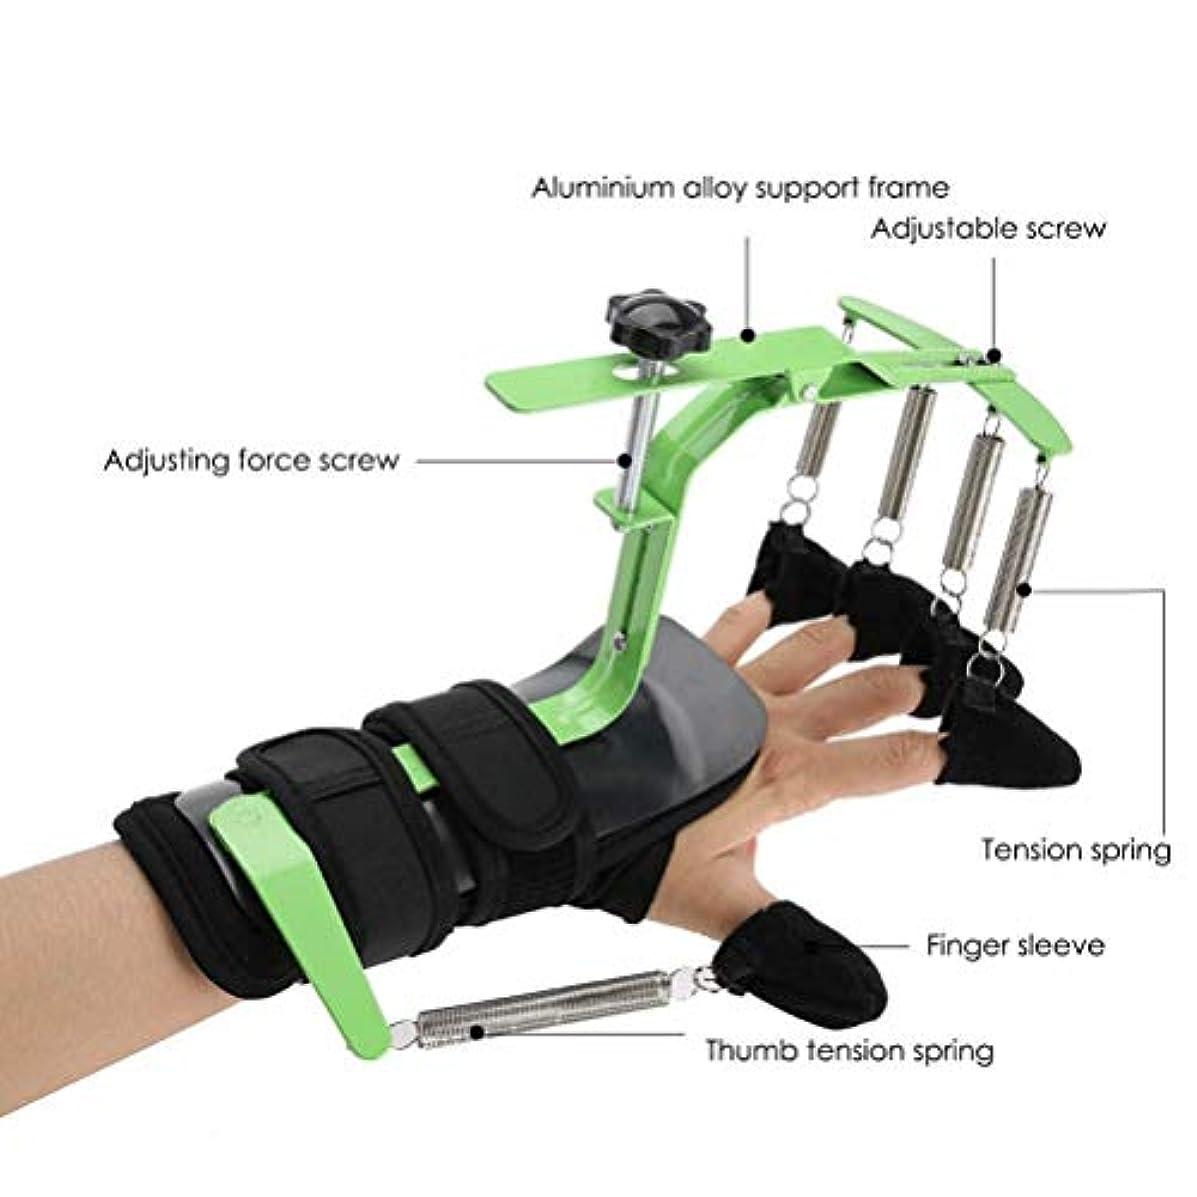 限りタイト悲観主義者脳卒中片麻痺患者の指セパレータースプリントのためにリハビリテーションブレース指トレーニング、デバイスにサポートの手の手首のインソールトレーニング機器を指